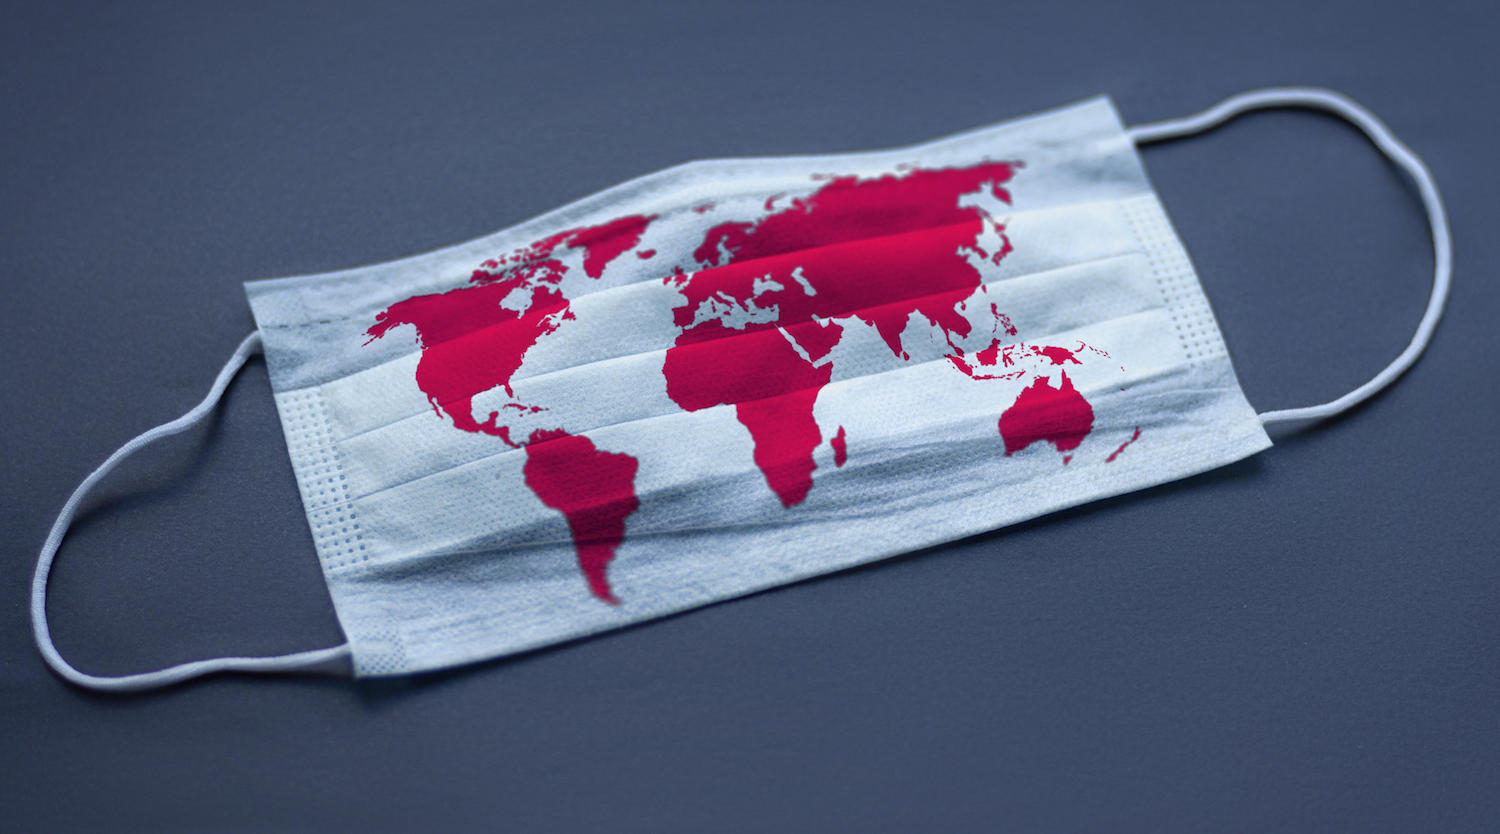 Ein Symbolbild zeigt eine Gesichtsmaske mit einer Weltkarte darauf